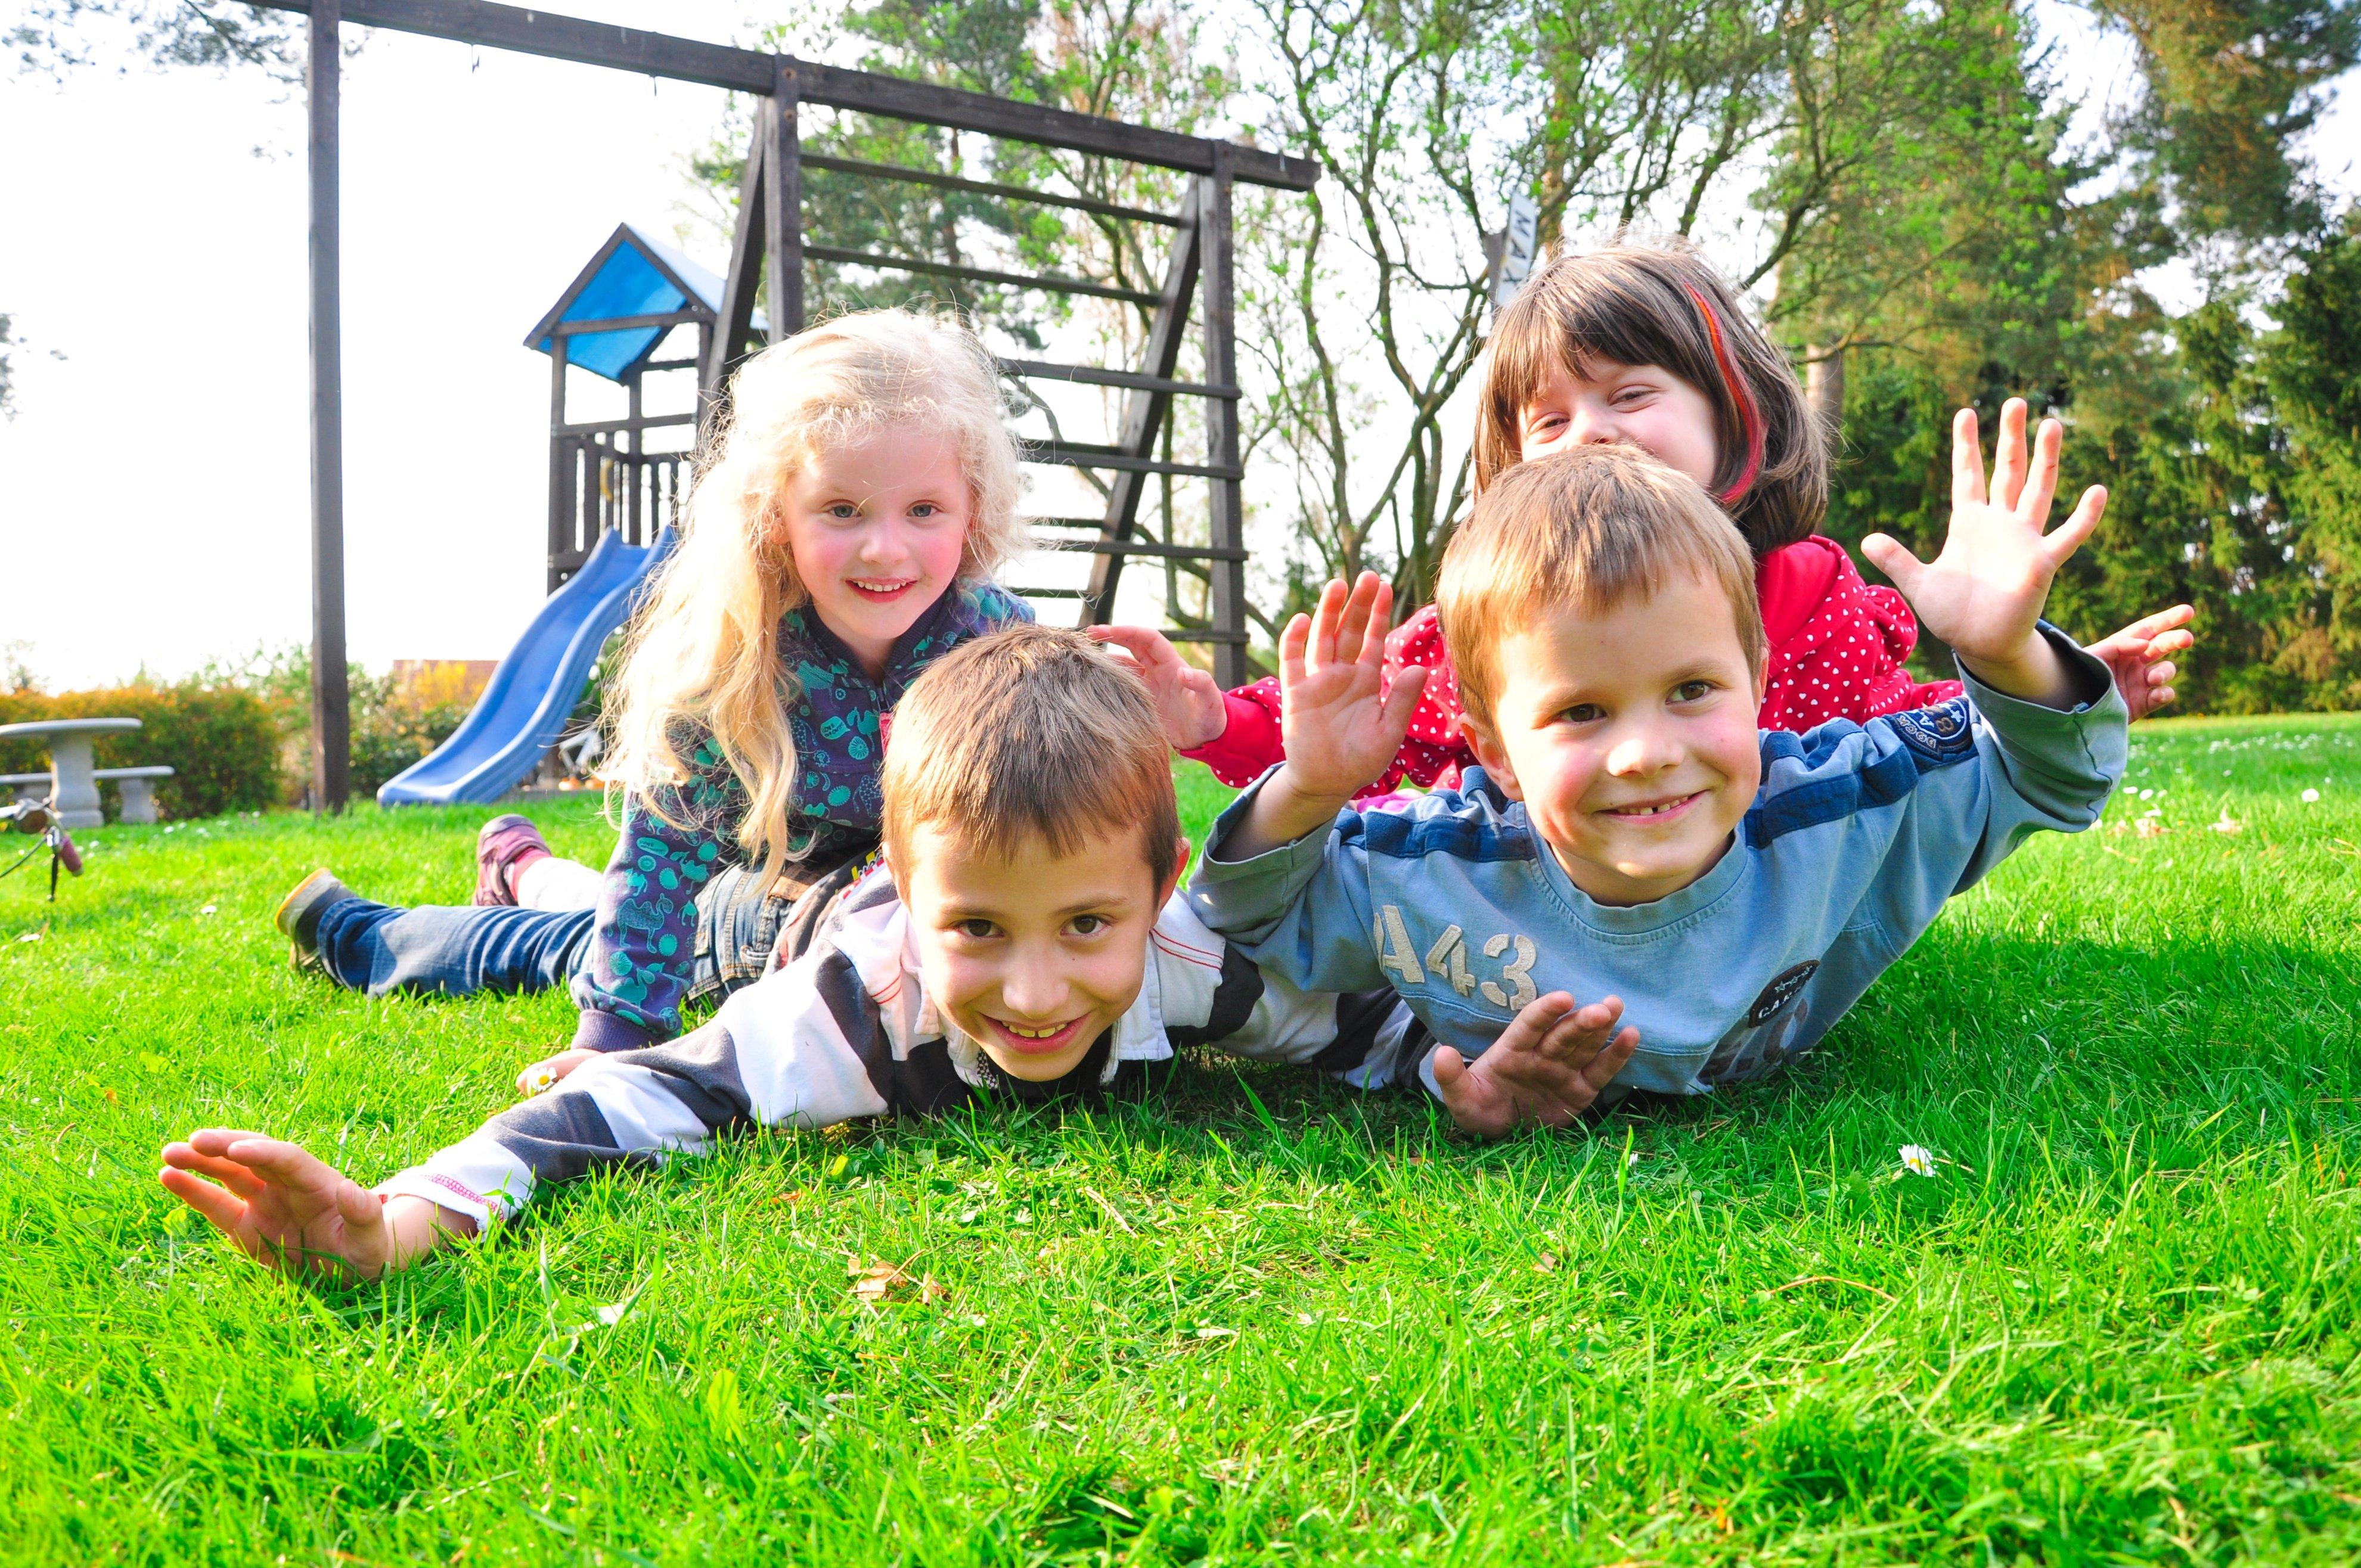 Kinder beim spielen auf Wiese